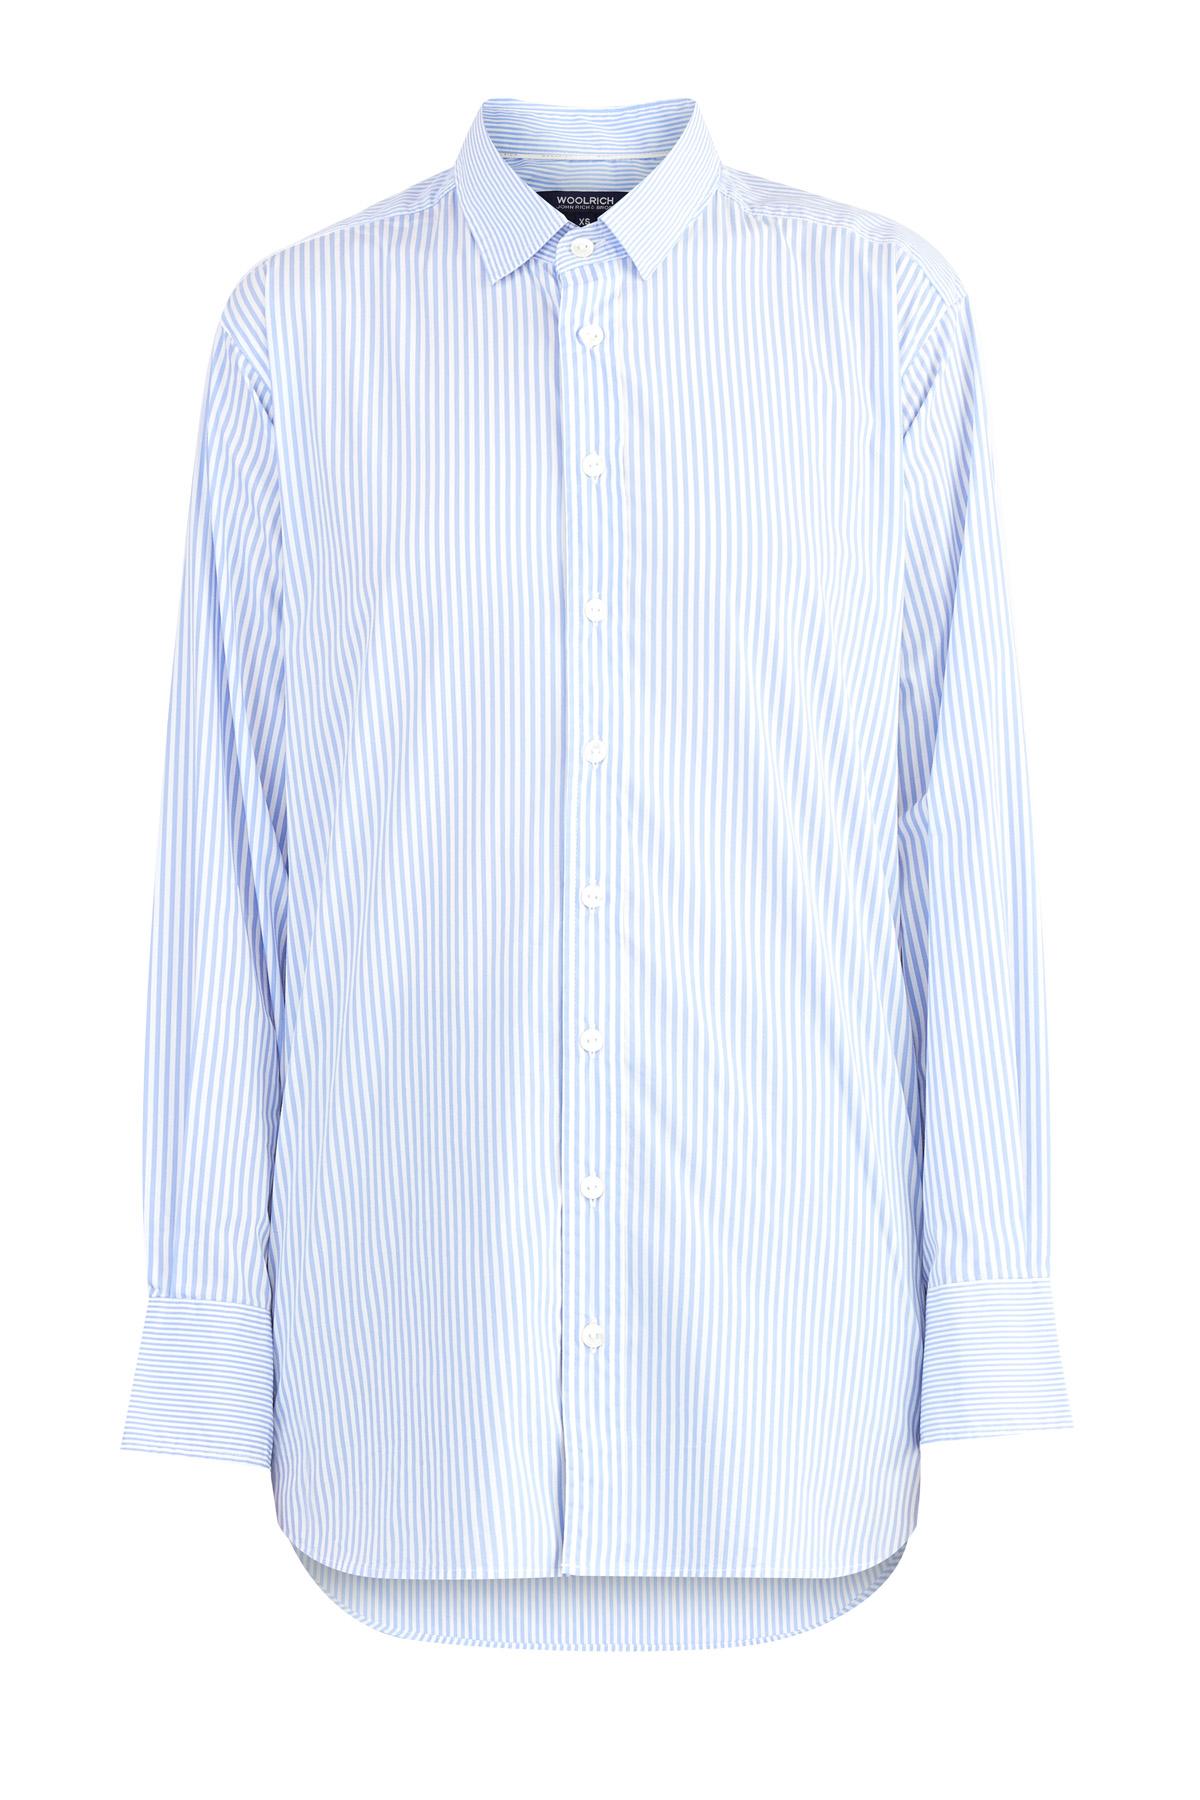 Купить Рубашка, WOOLRICH, Италия, хлопок 75%, полиамид 21%, эластан 4%